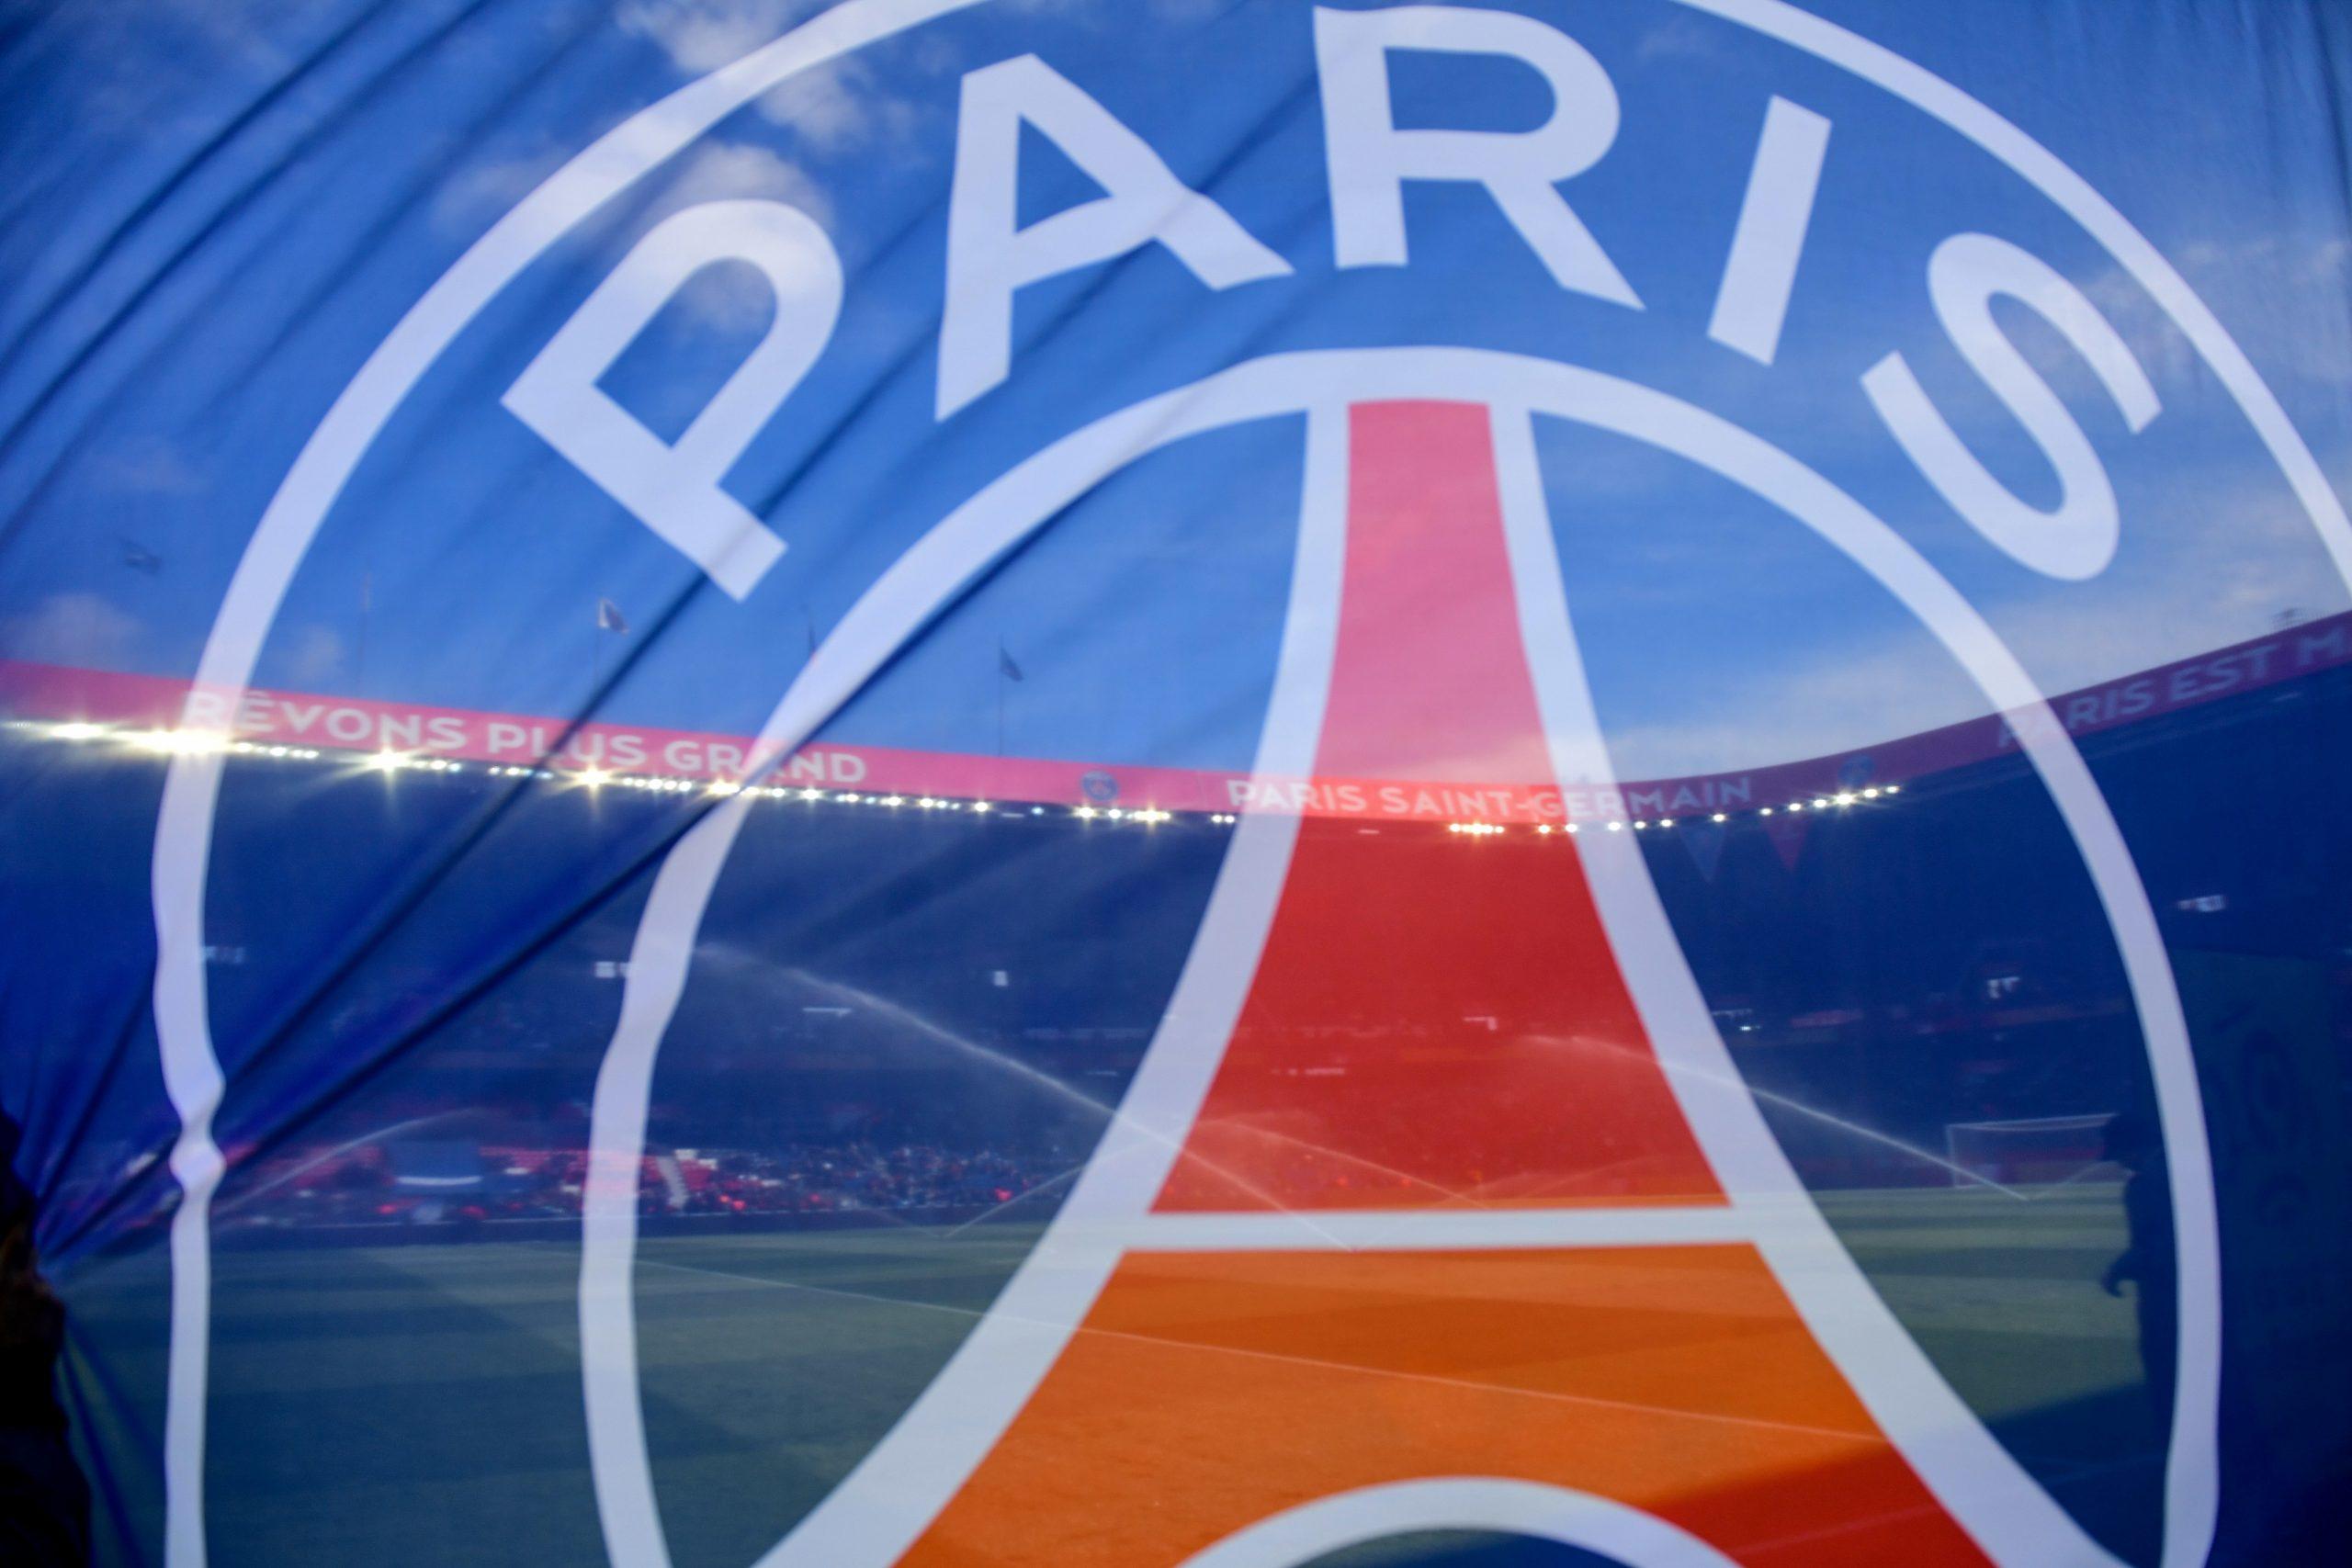 Le PSG pourrait perdre environ 200 millions d'euros cette saison à cause de la crise sanitaire